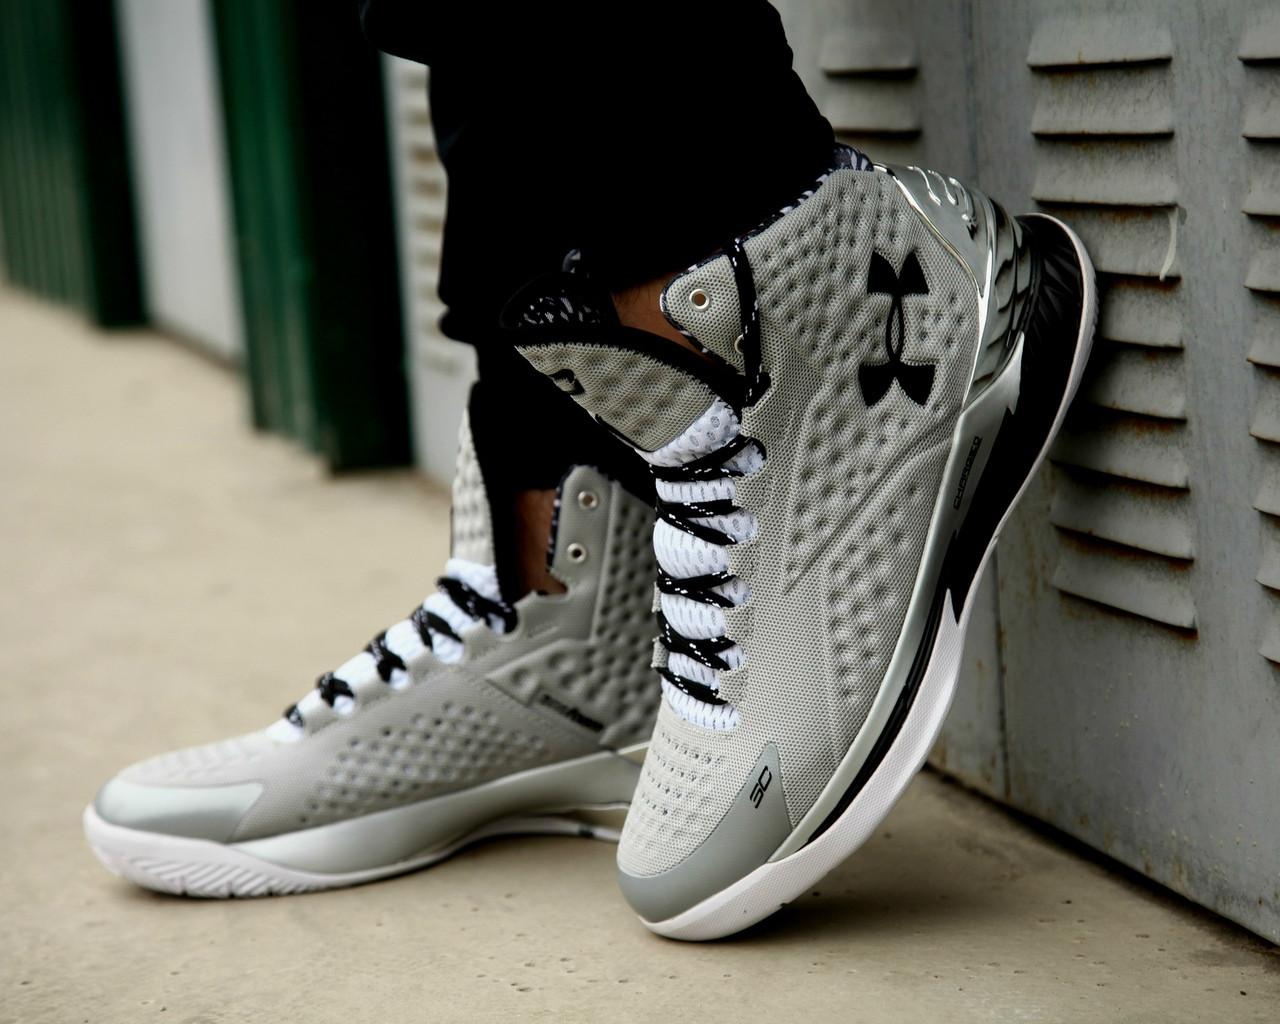 Мужские кроссовки Under Armour 3C CURRY 1 Silver, высокие серые кроссовки Андер Армор